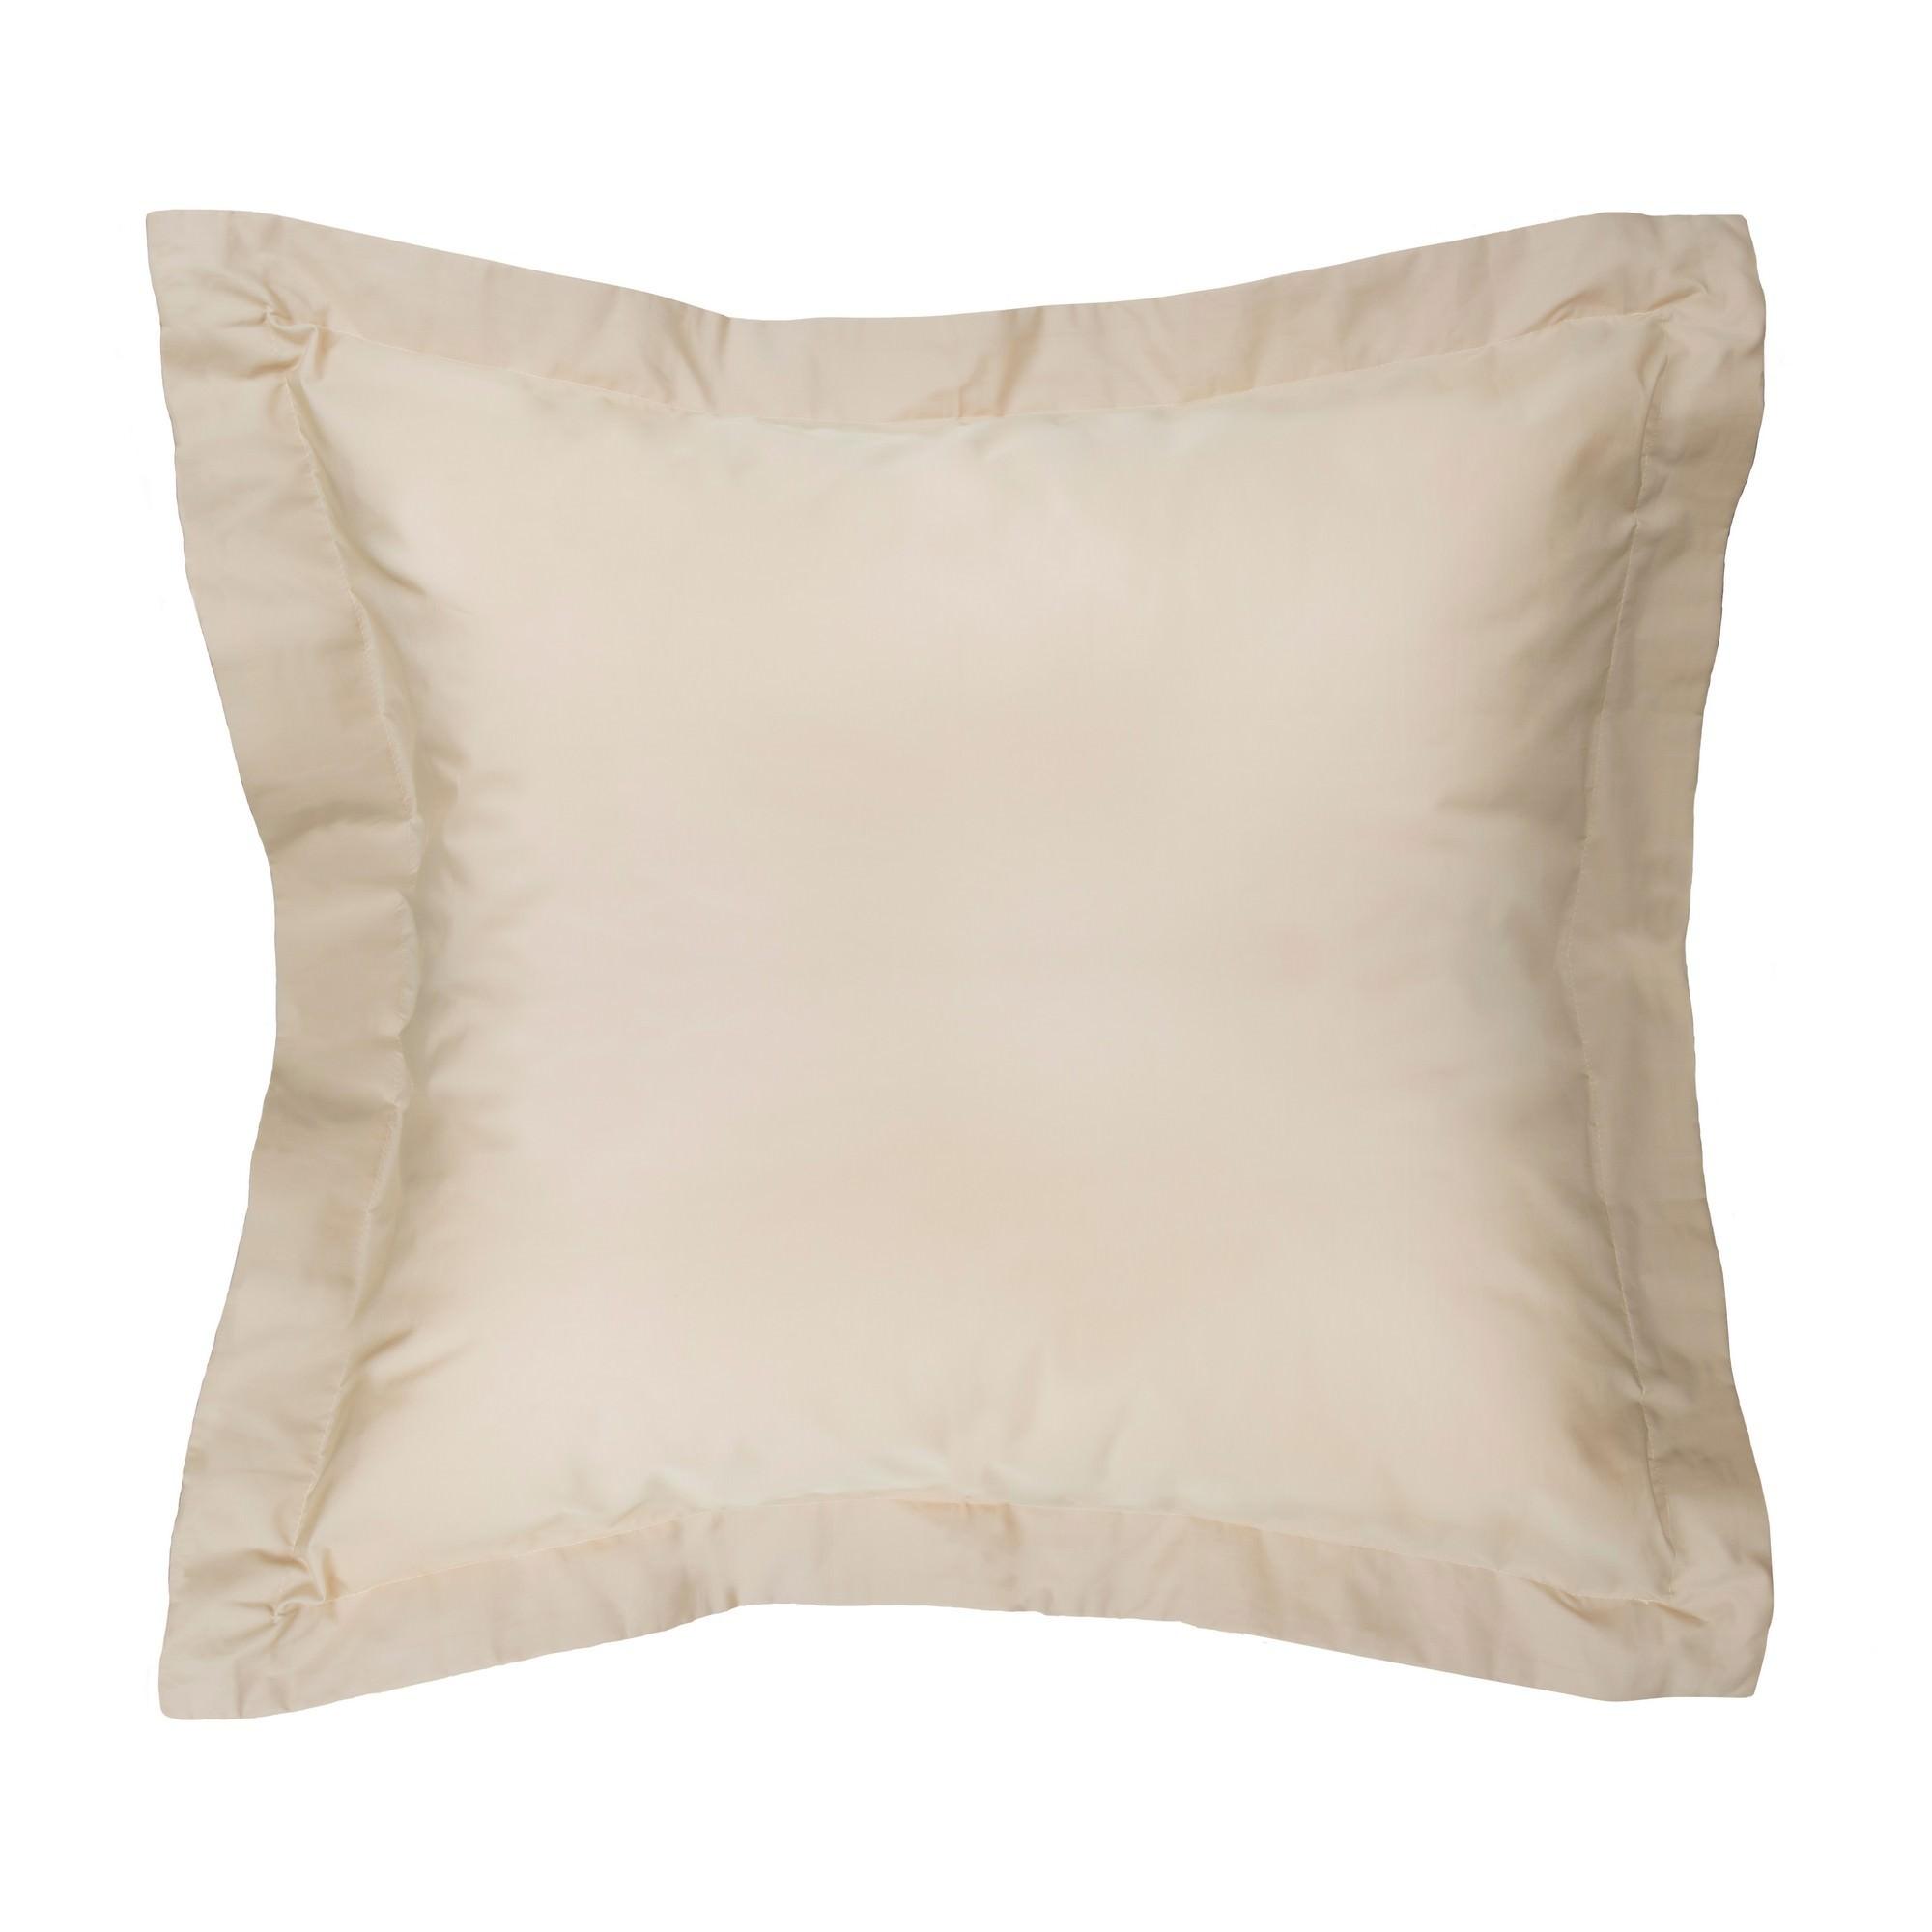 Moni Cotton Euro Pillowcase, Cream